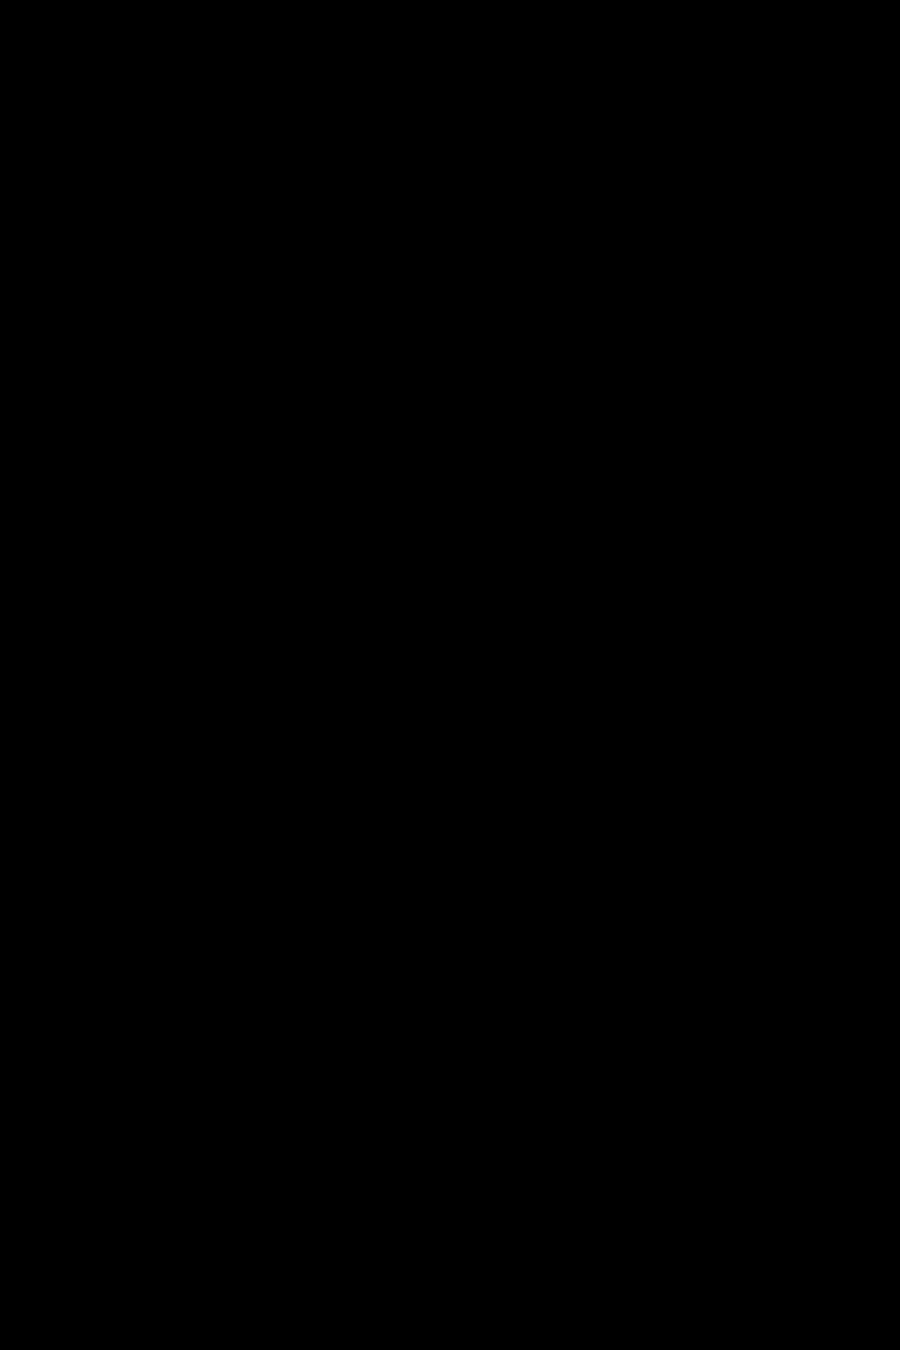 Juvia Lineart : Fairy tail juvia lineart by vaikingu on deviantart